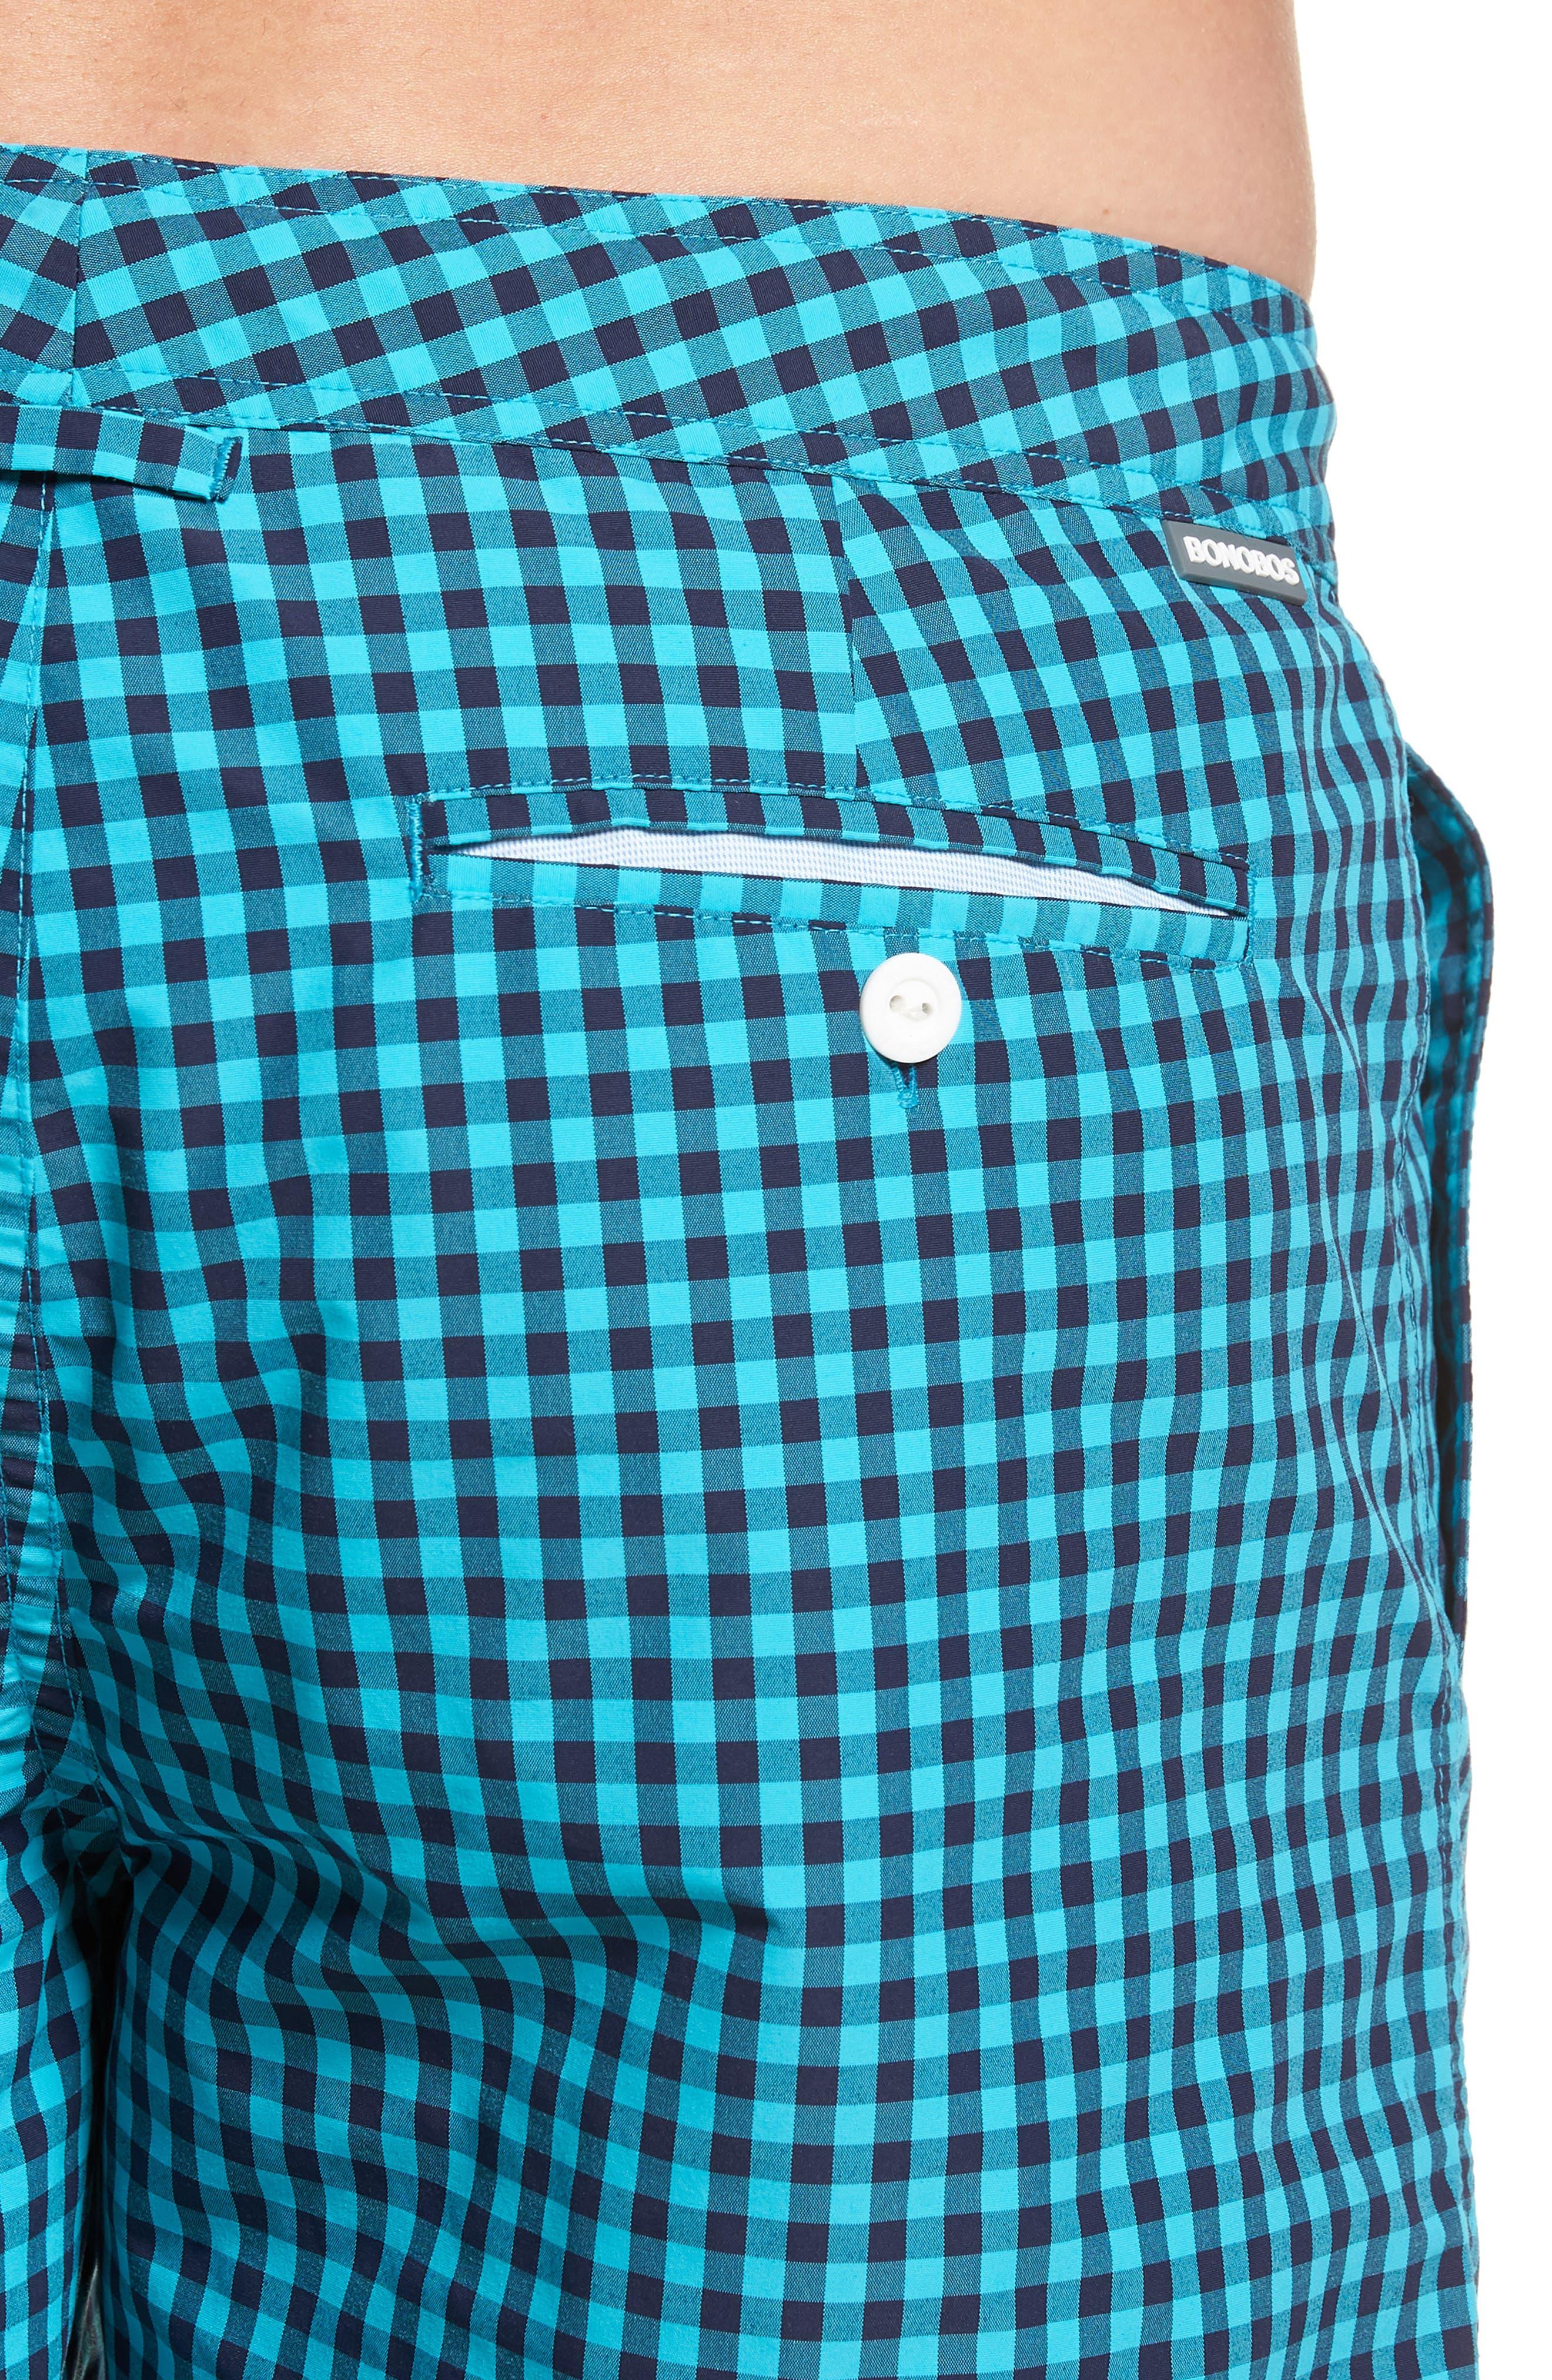 Gingham 7-Inch Swim Trunks,                             Alternate thumbnail 4, color,                             400